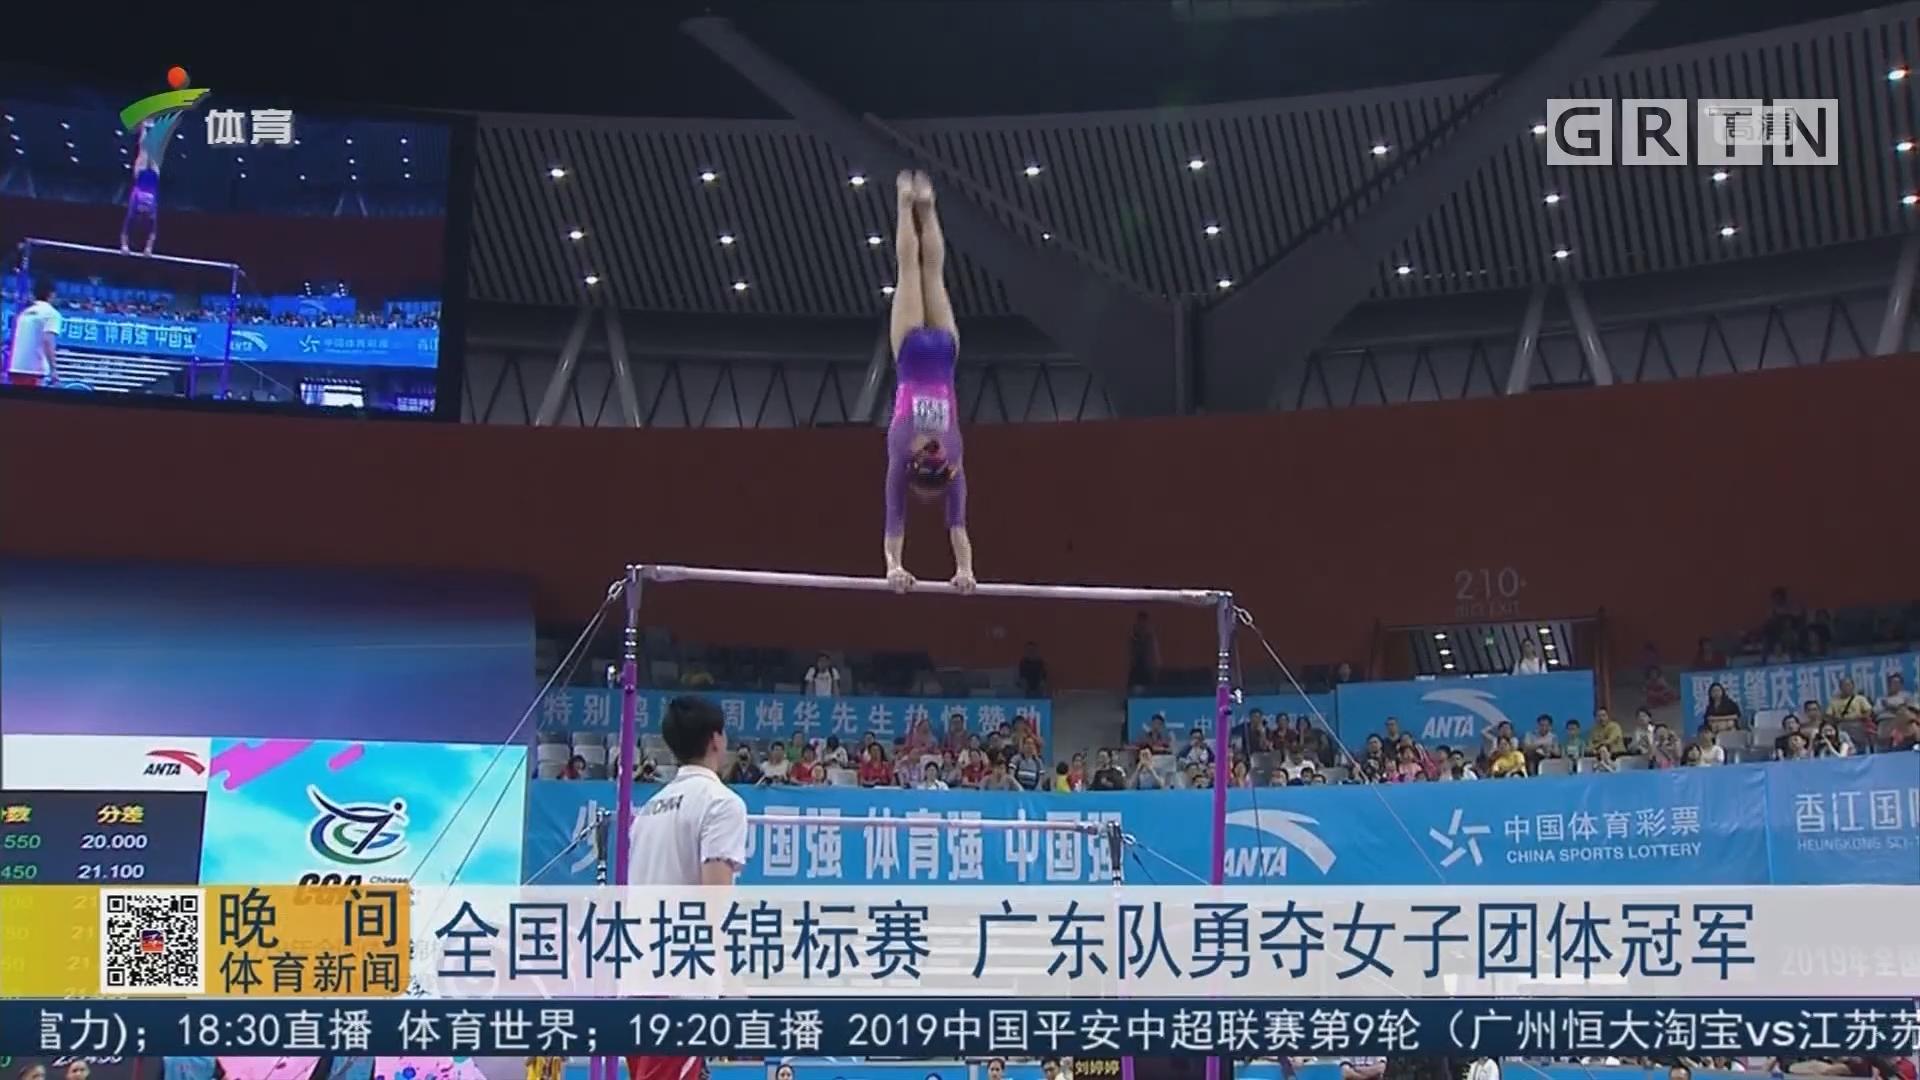 全国体操锦标赛 广东队勇夺女子团体冠军